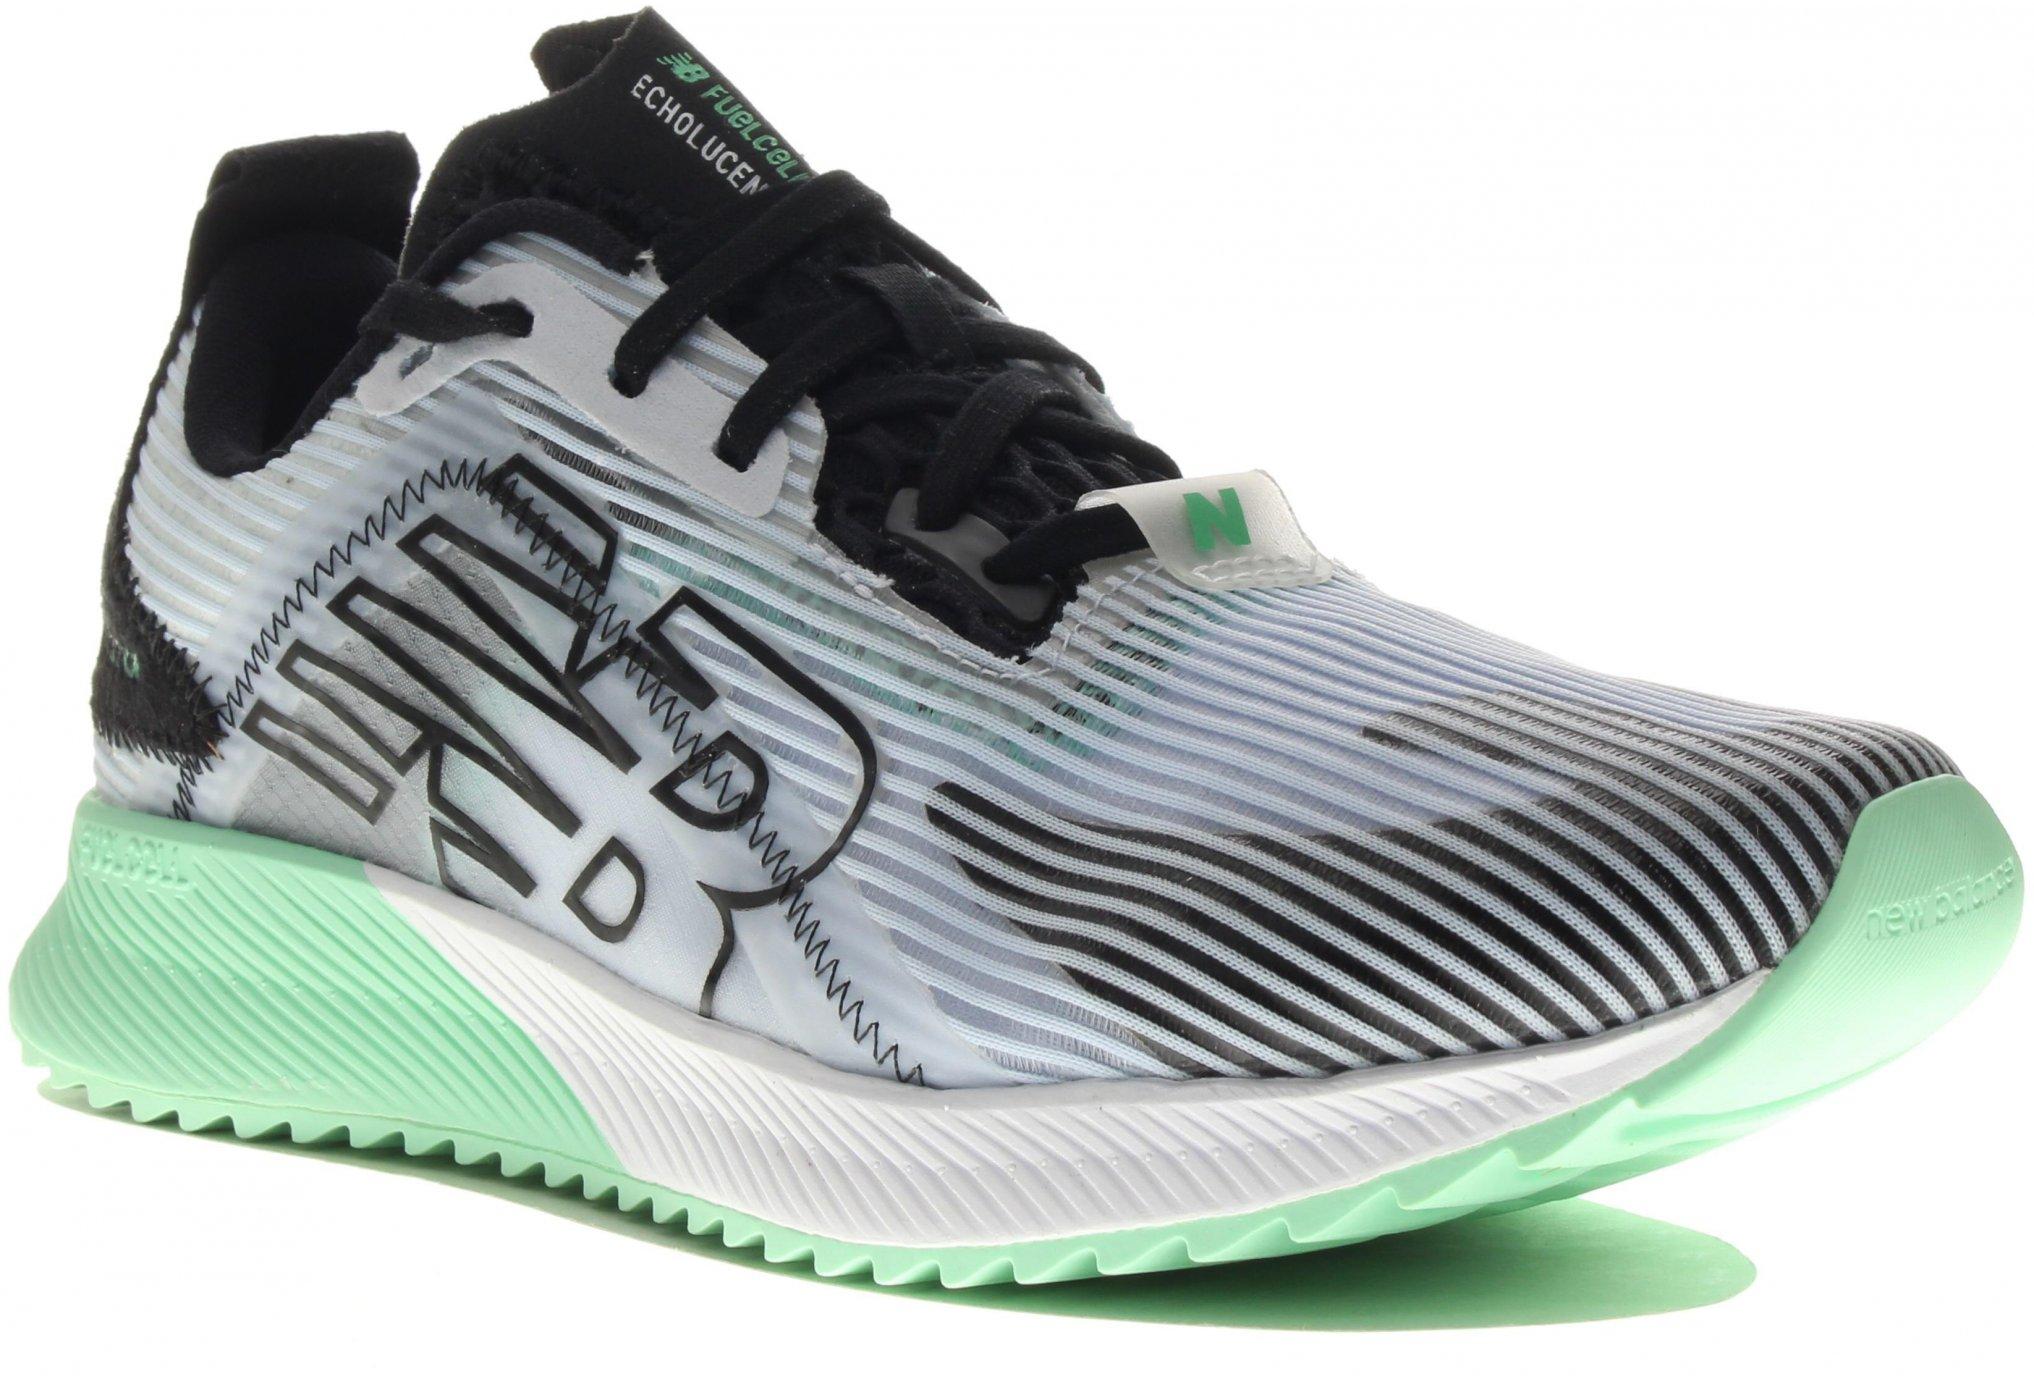 New Balance FuelCell Echolucent Chaussures running femme